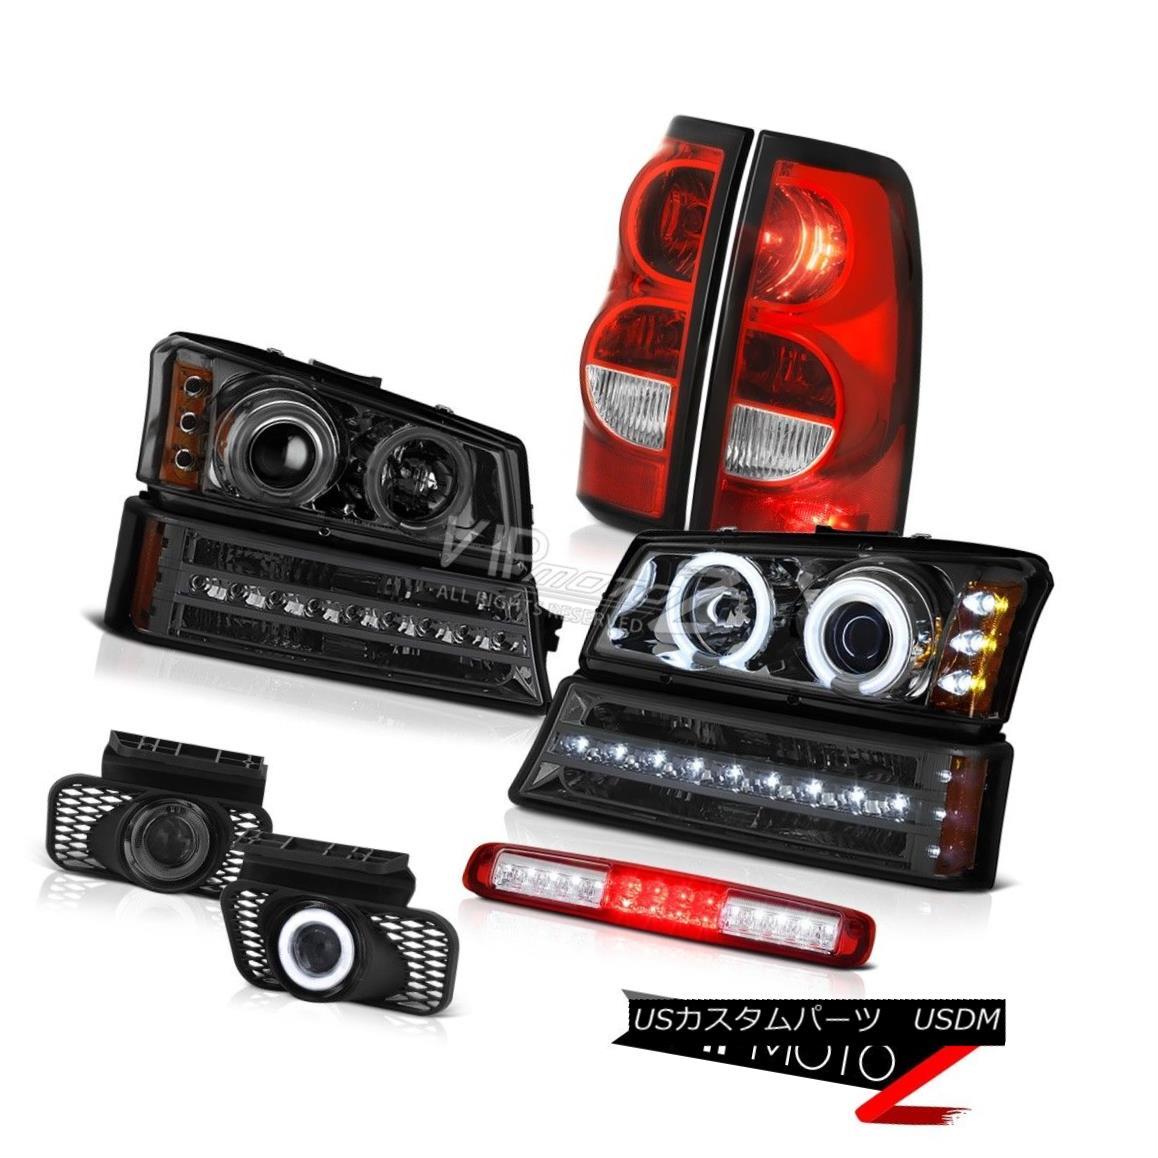 ヘッドライト 2003-2006 Silverado 1500 High Stop Light Foglights Taillights Bumper Headlamps 2003-2006 Silverado 1500ハイストップライトフォグライトテールライトバンパーヘッドランプ